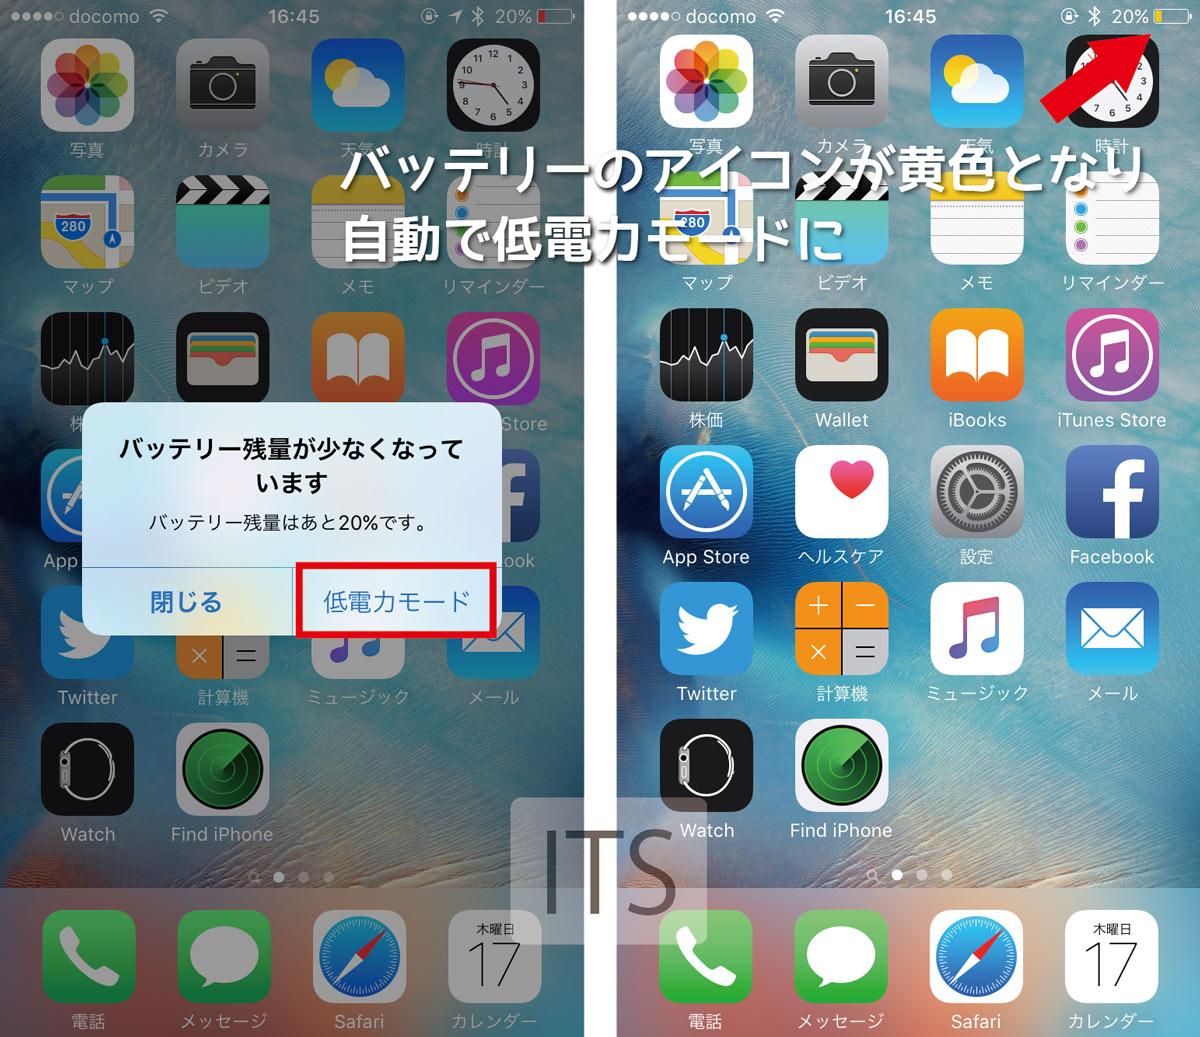 低電力モード iOS9